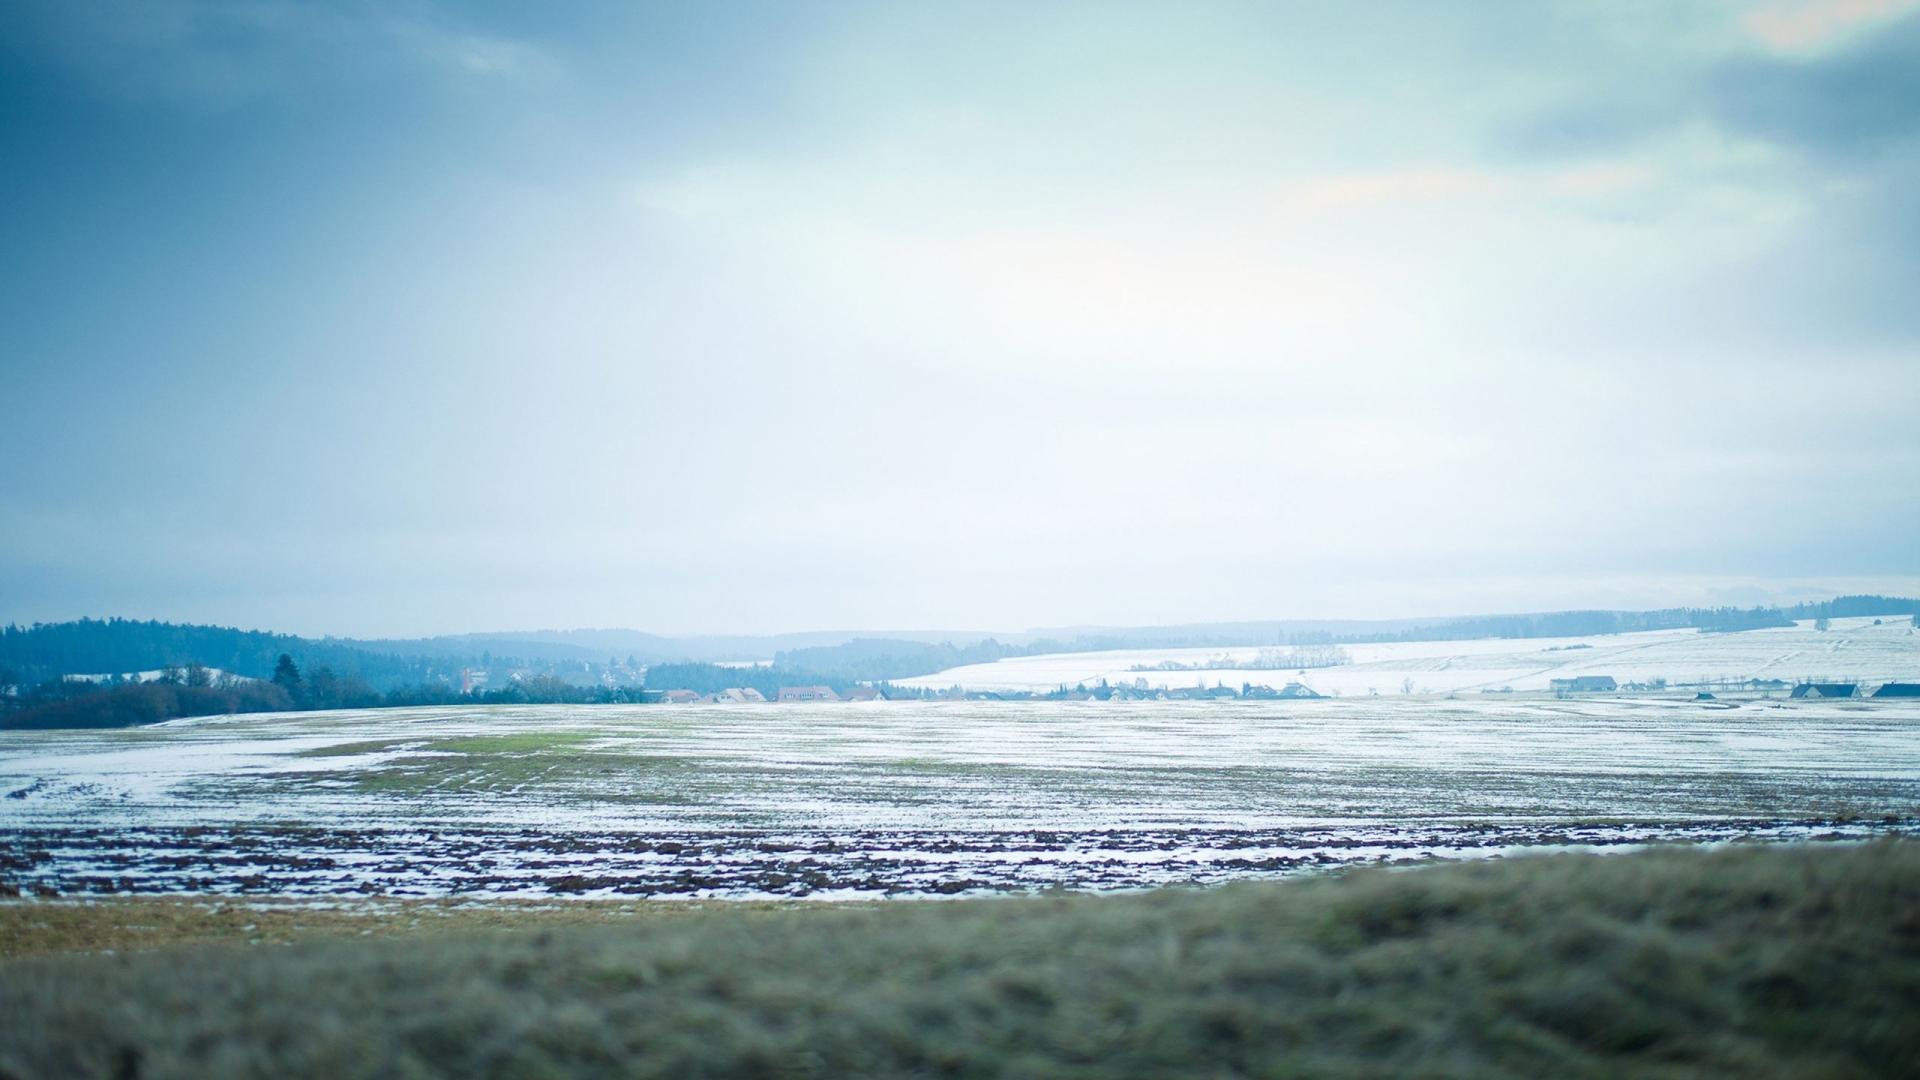 Wallpaper 1920x1080 snow golf winter sky mist Full HD 1080p HD 1920x1080